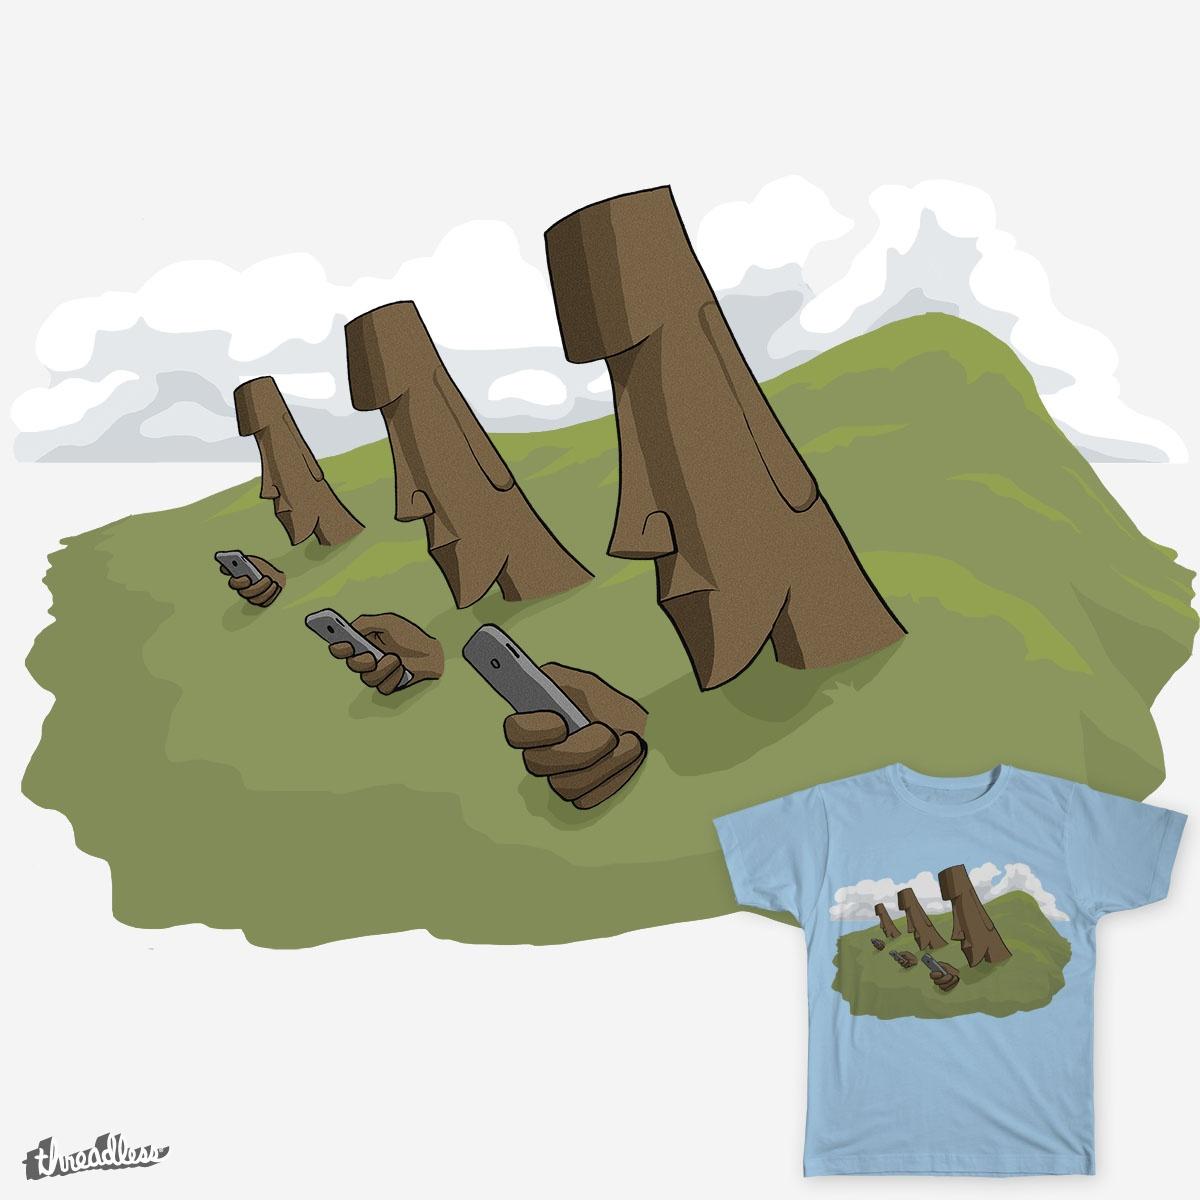 Moai on Mobiles by thegnome54 on Threadless